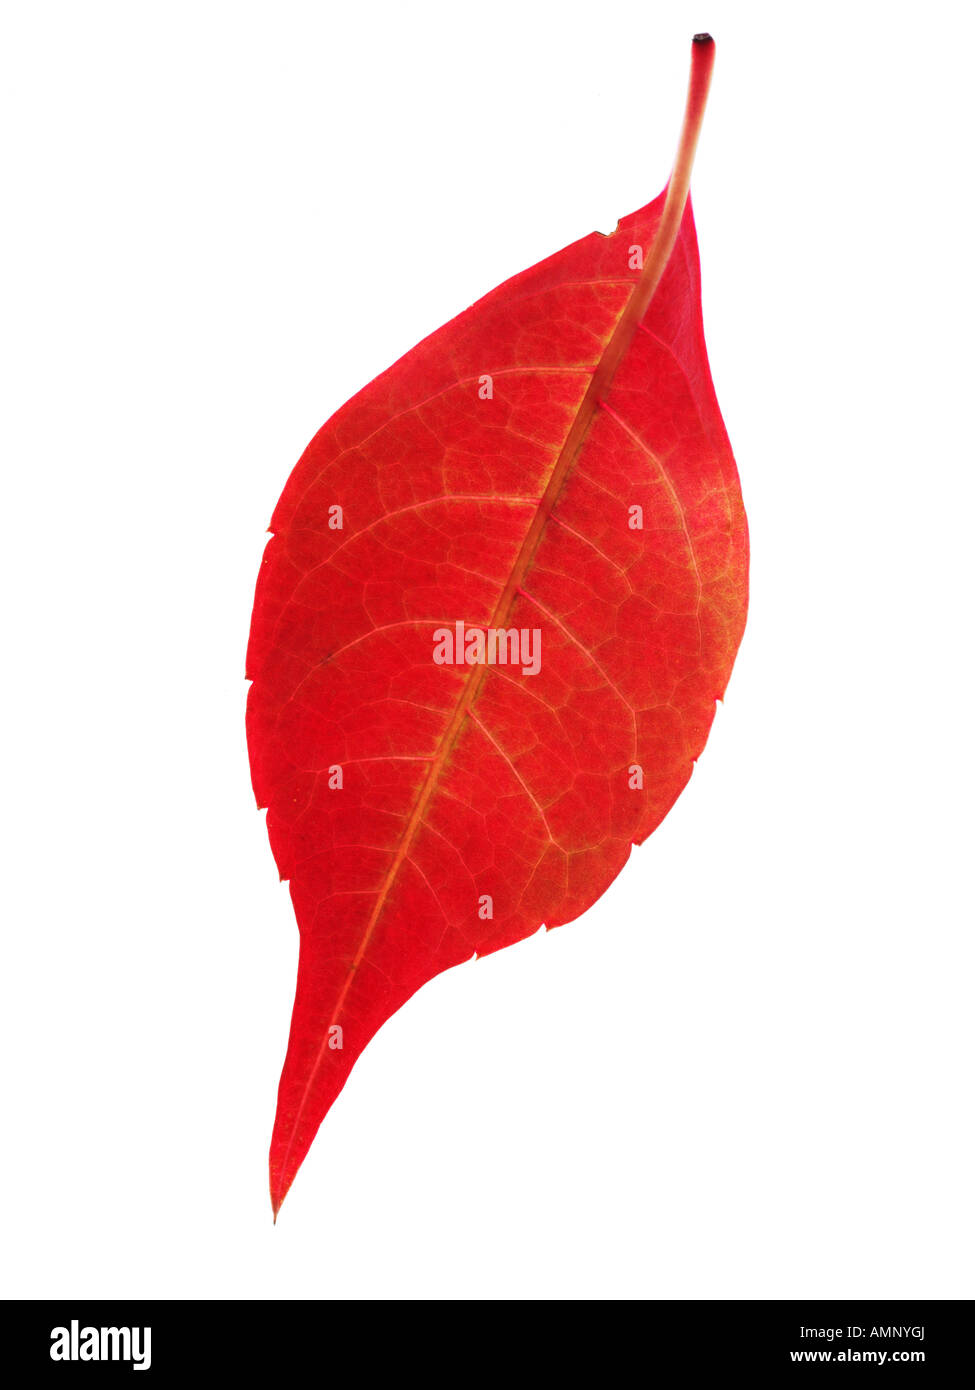 Herbst Blatt. Einzigen Fall Blatt gegen weiß. Natürliche Farben und Texturen. Stockbild